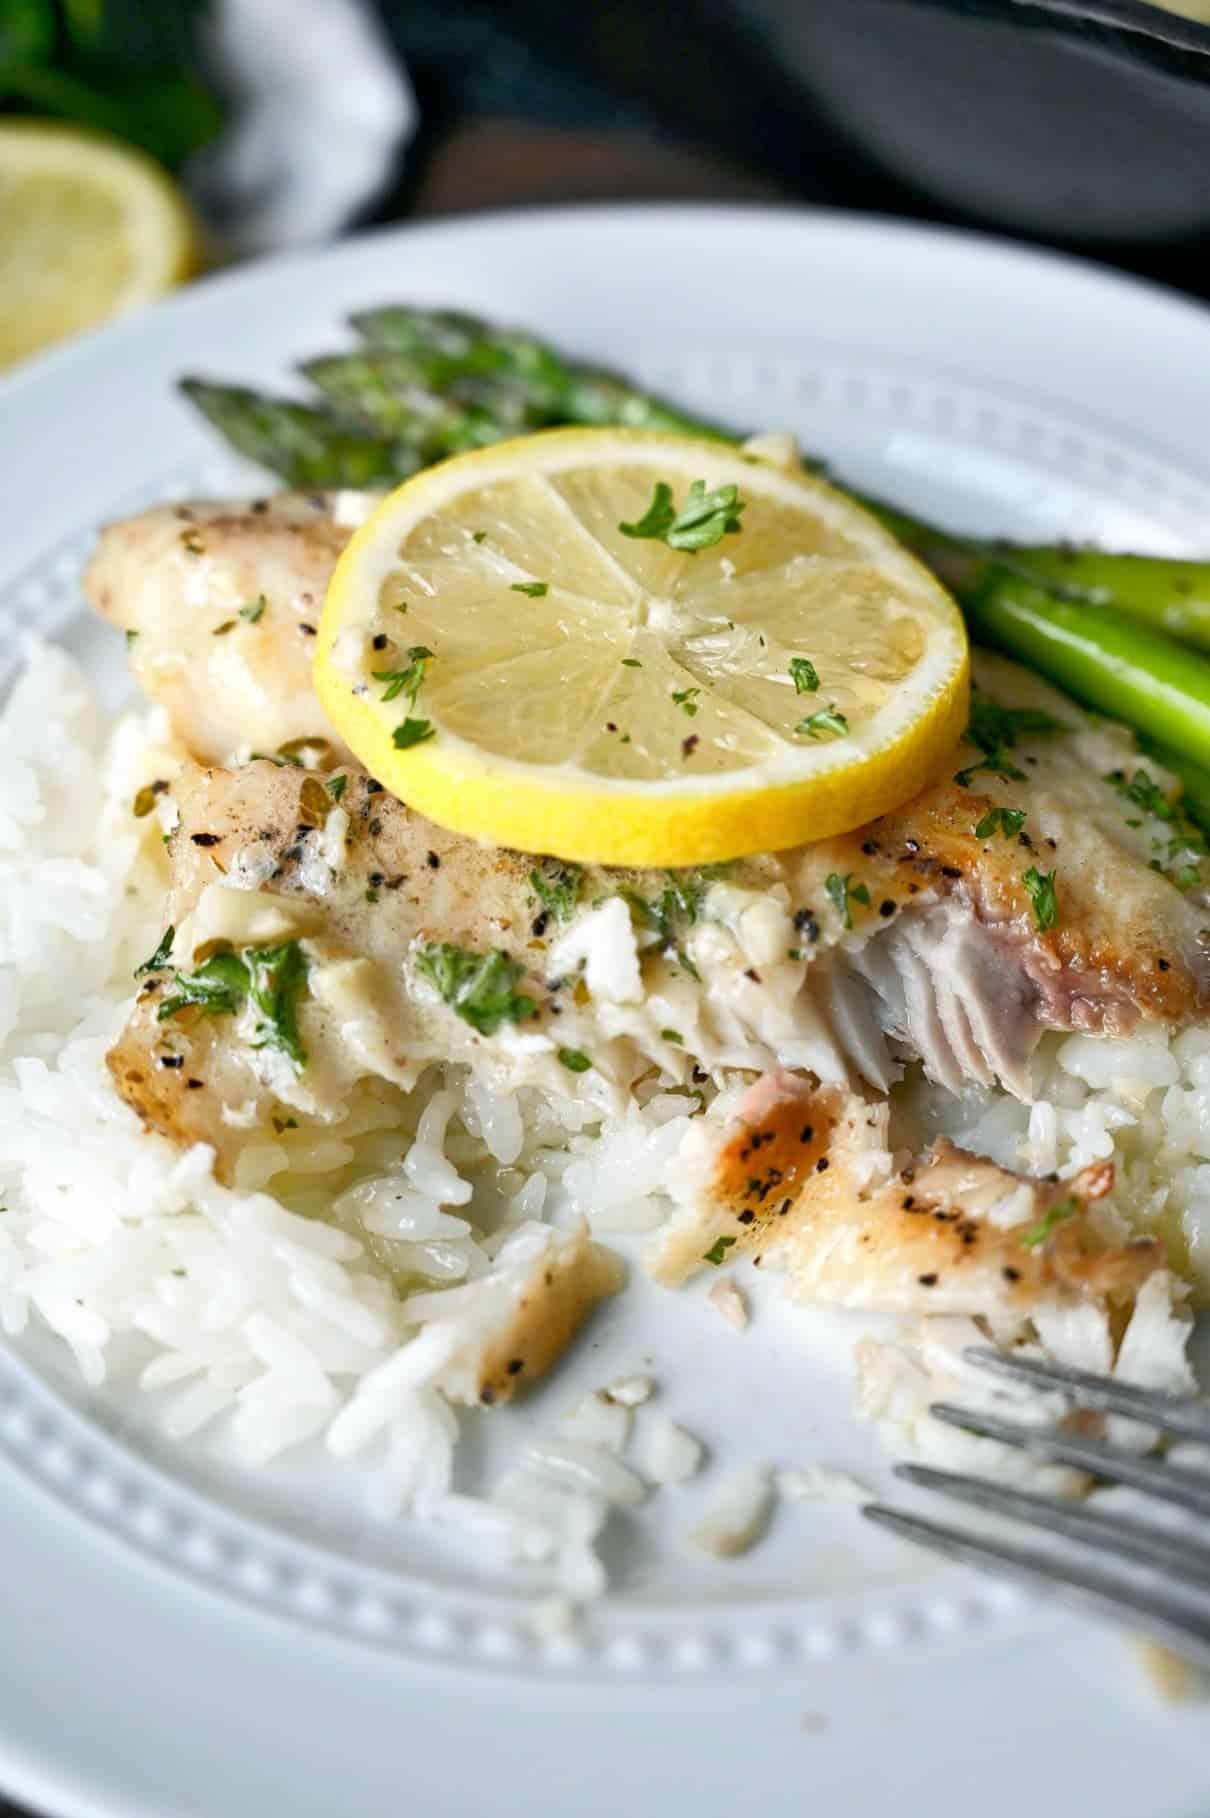 Tilapia tigaie pe orez cu sos de lămâie și deasupra o pană de lămâie.  Câteva mușcături mâncate și o furculiță așezată pe farfurie.